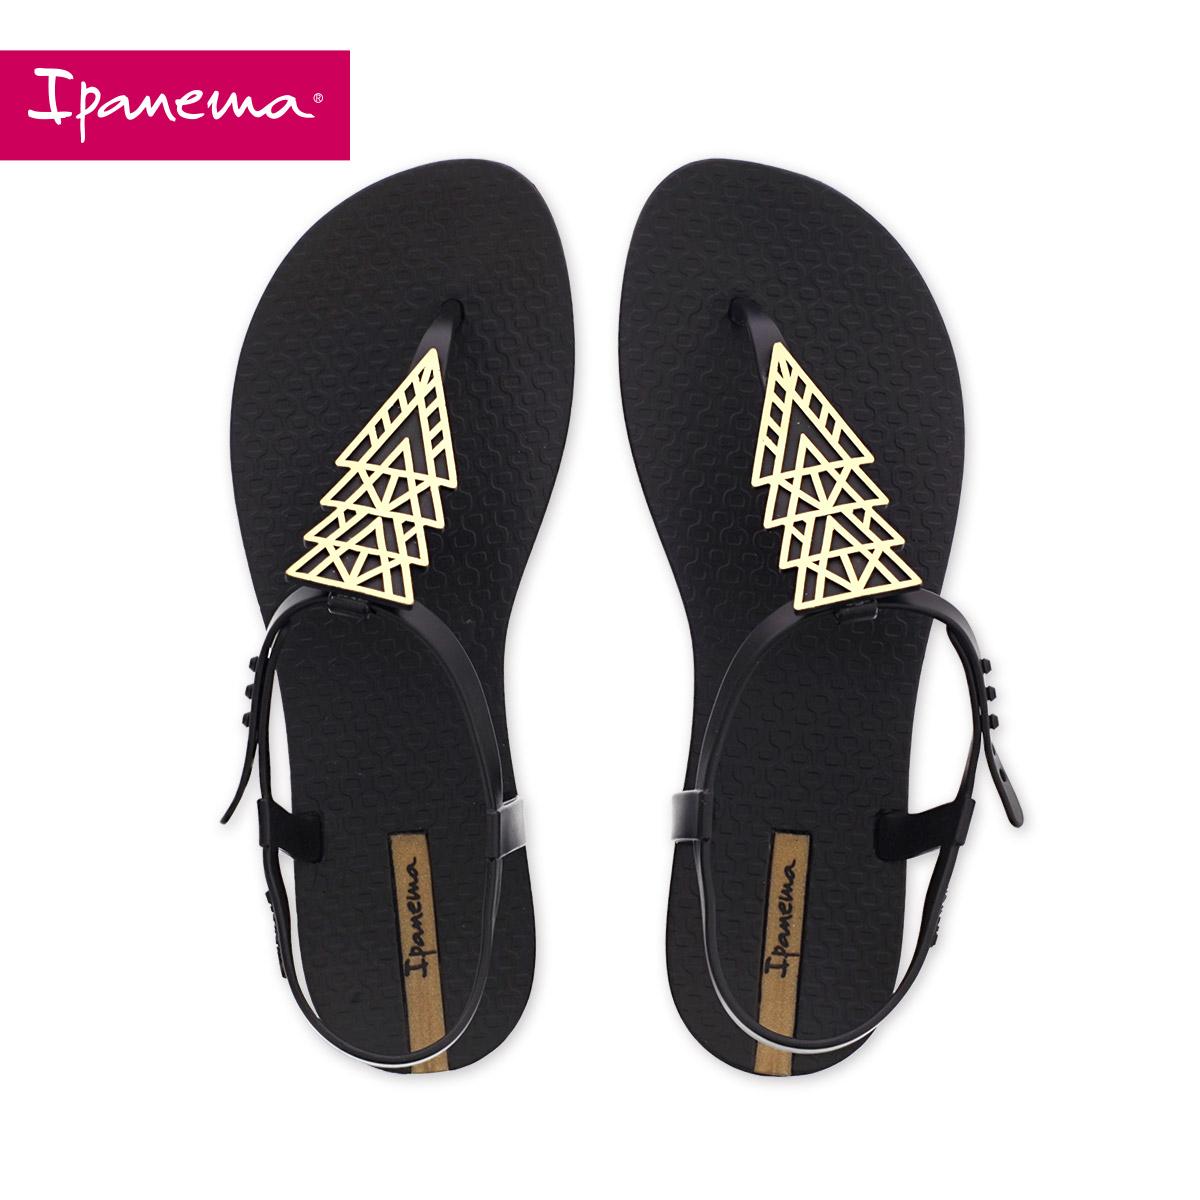 沙滩凉鞋 Ipanema  2017新品夏季璀璨系列女凉鞋  时尚平底沙滩鞋_推荐淘宝好看的女沙滩凉鞋